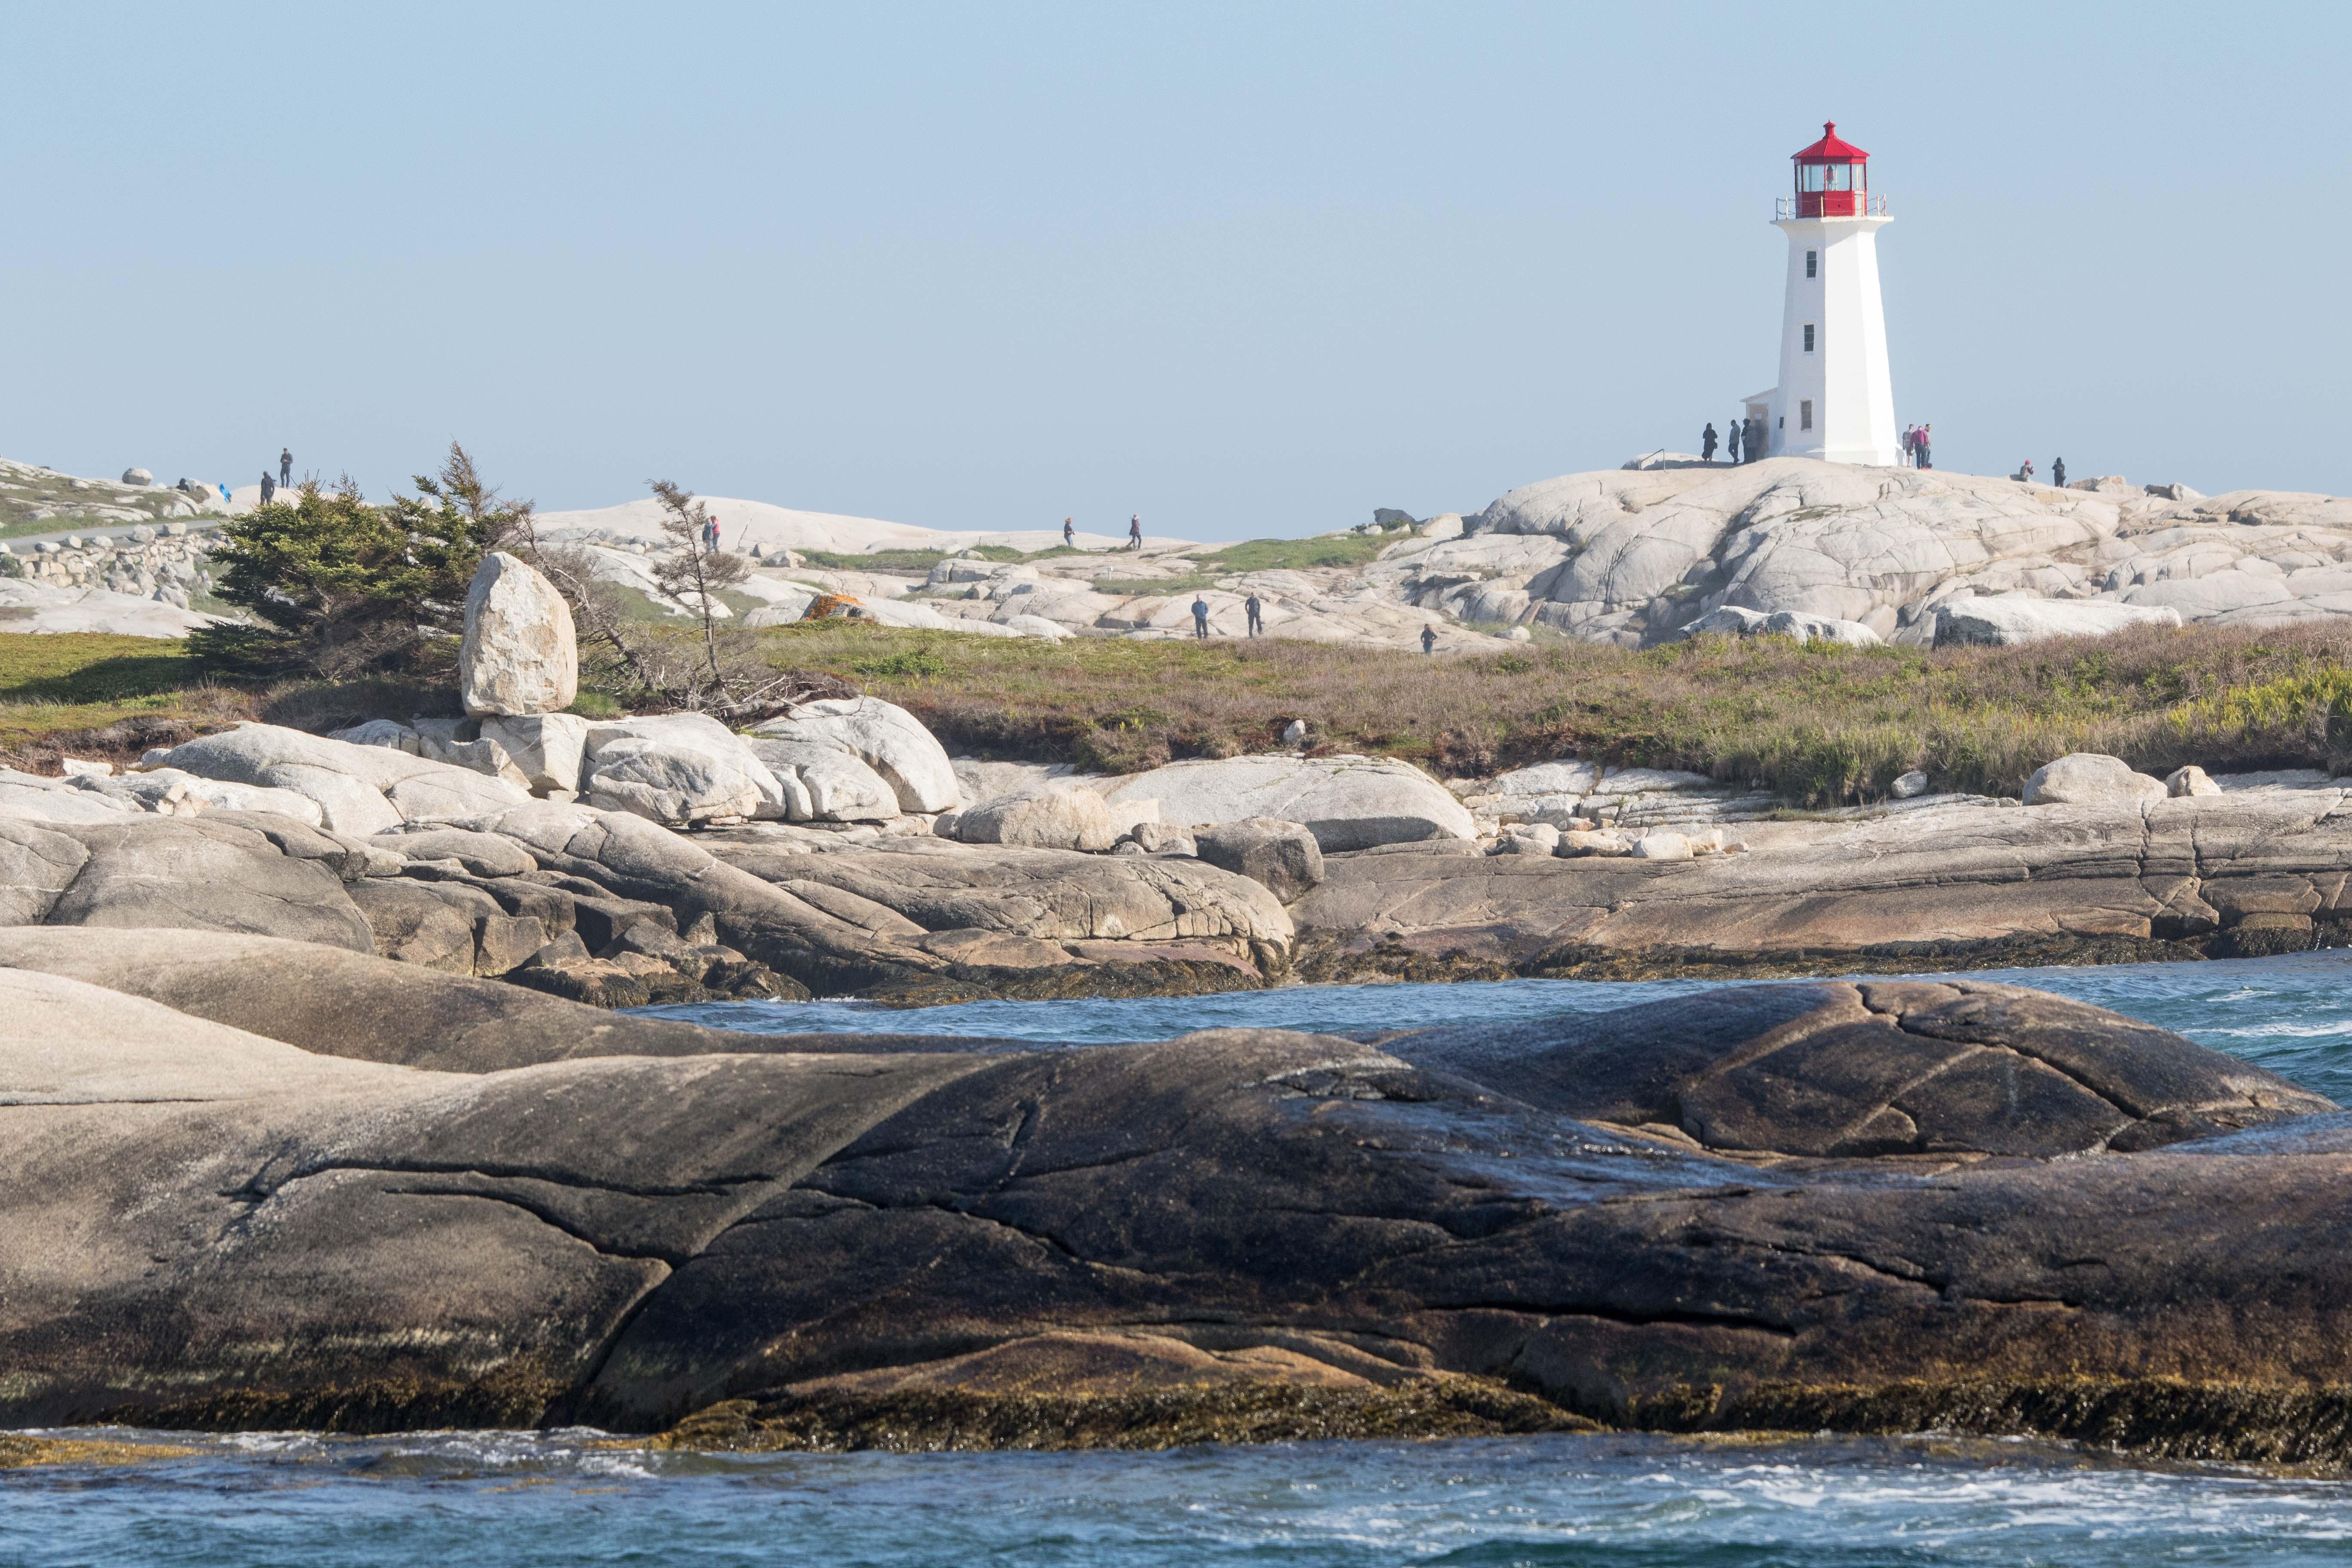 Auf Fels gebaut: der Leuchtturm von Peggy's Cove, angeblich der meistfotografierte der Welt.